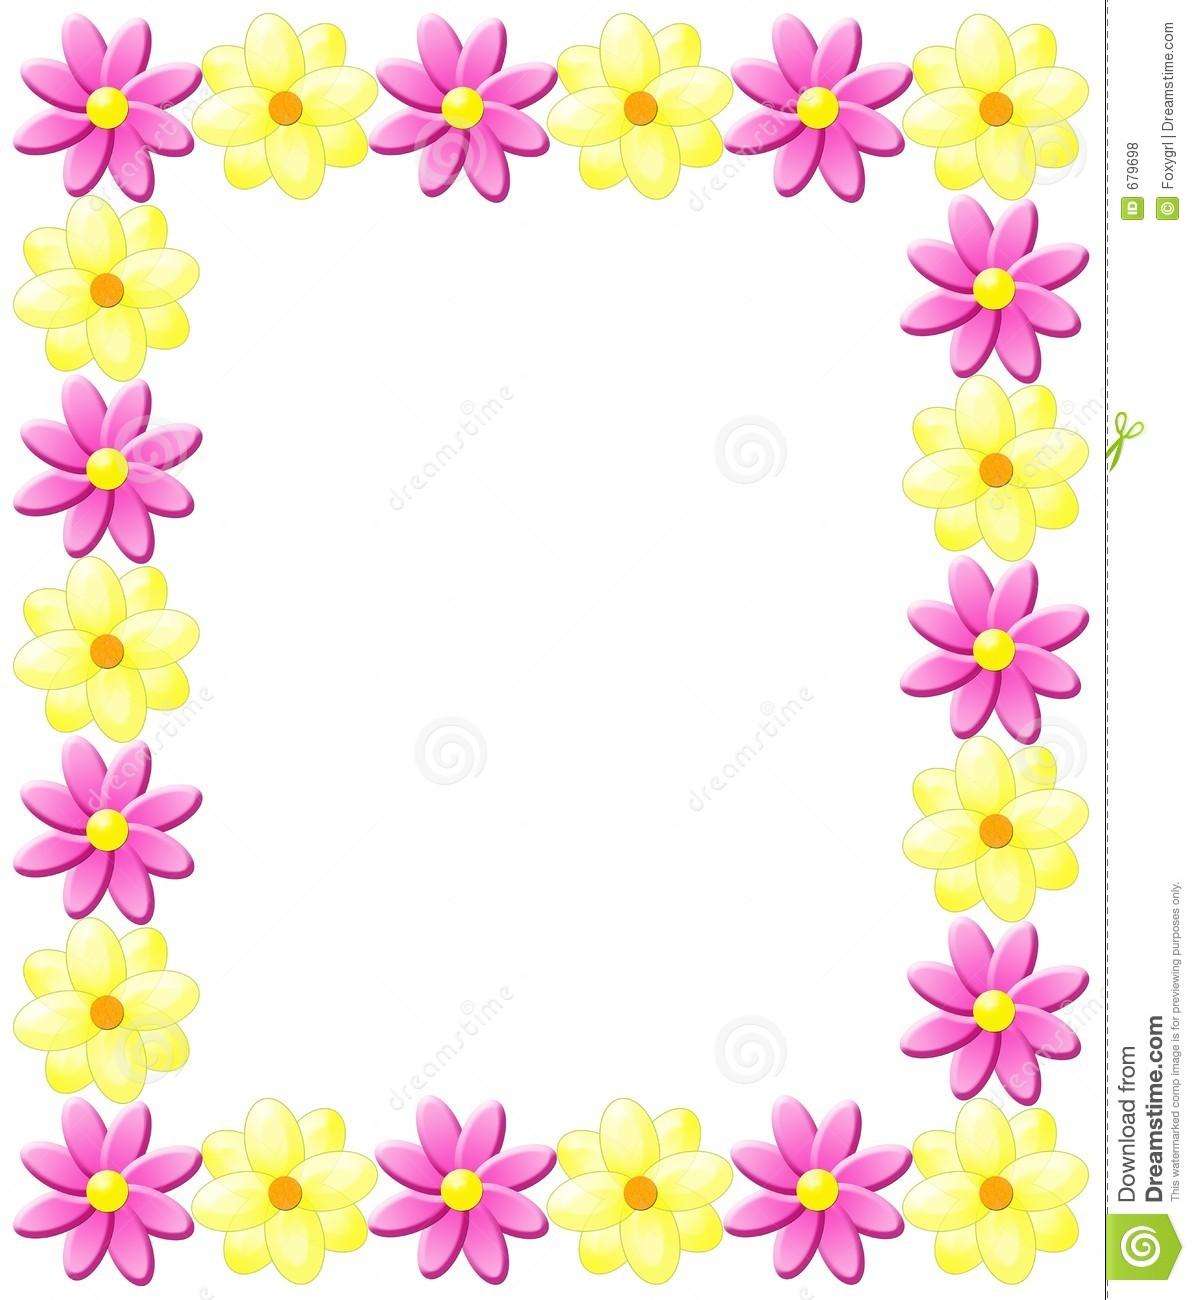 Free spring flowers photos svg transparent library Spring Flowers Royalty Free Stock Photos - Image: 679698 svg transparent library